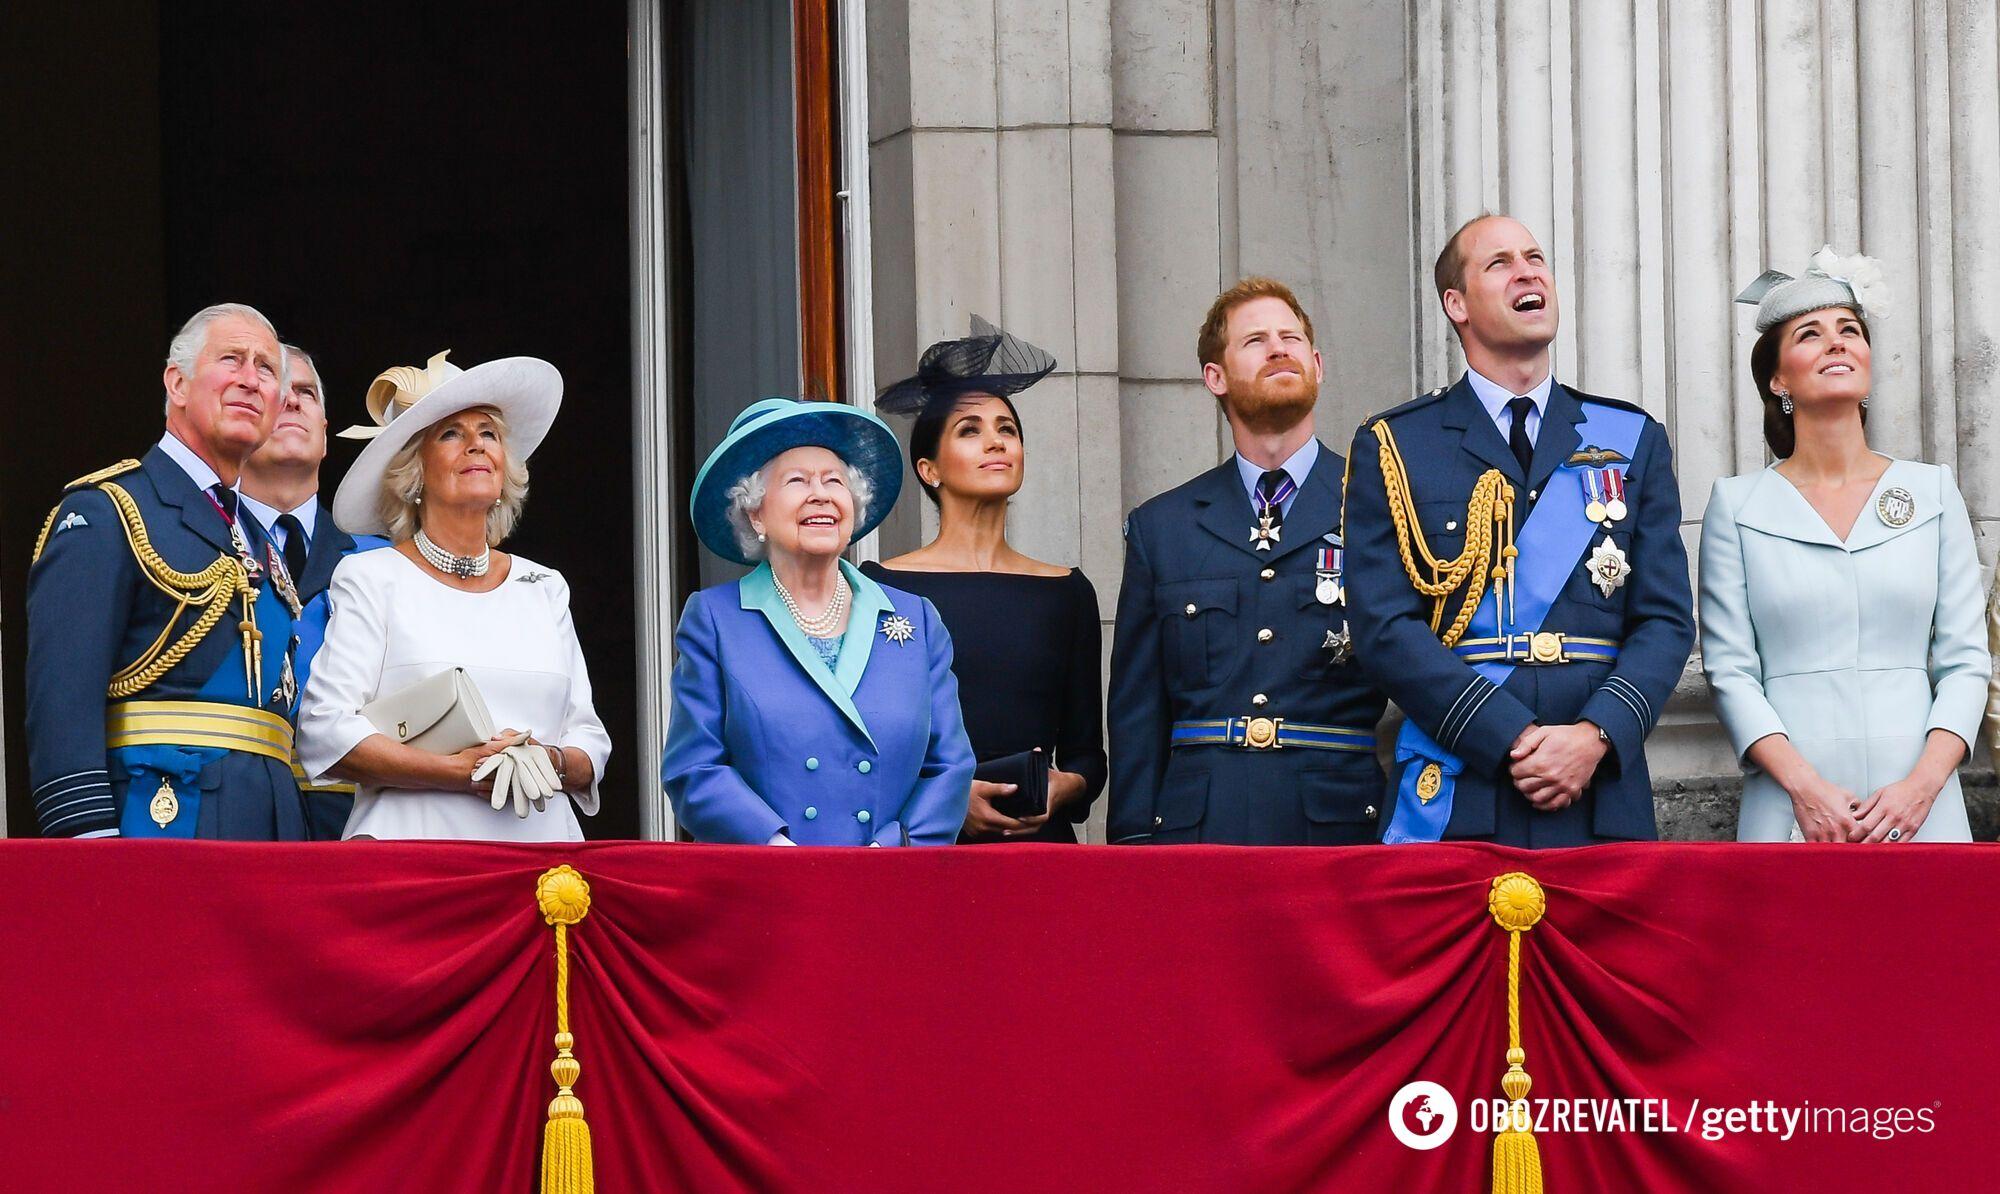 Члени британської королівської сім'ї – принц Чарльз, Камілла Паркер, Єлизавета II, Меган Маркл, принц Гаррі, принц Вільям і Кейт Міддлтон